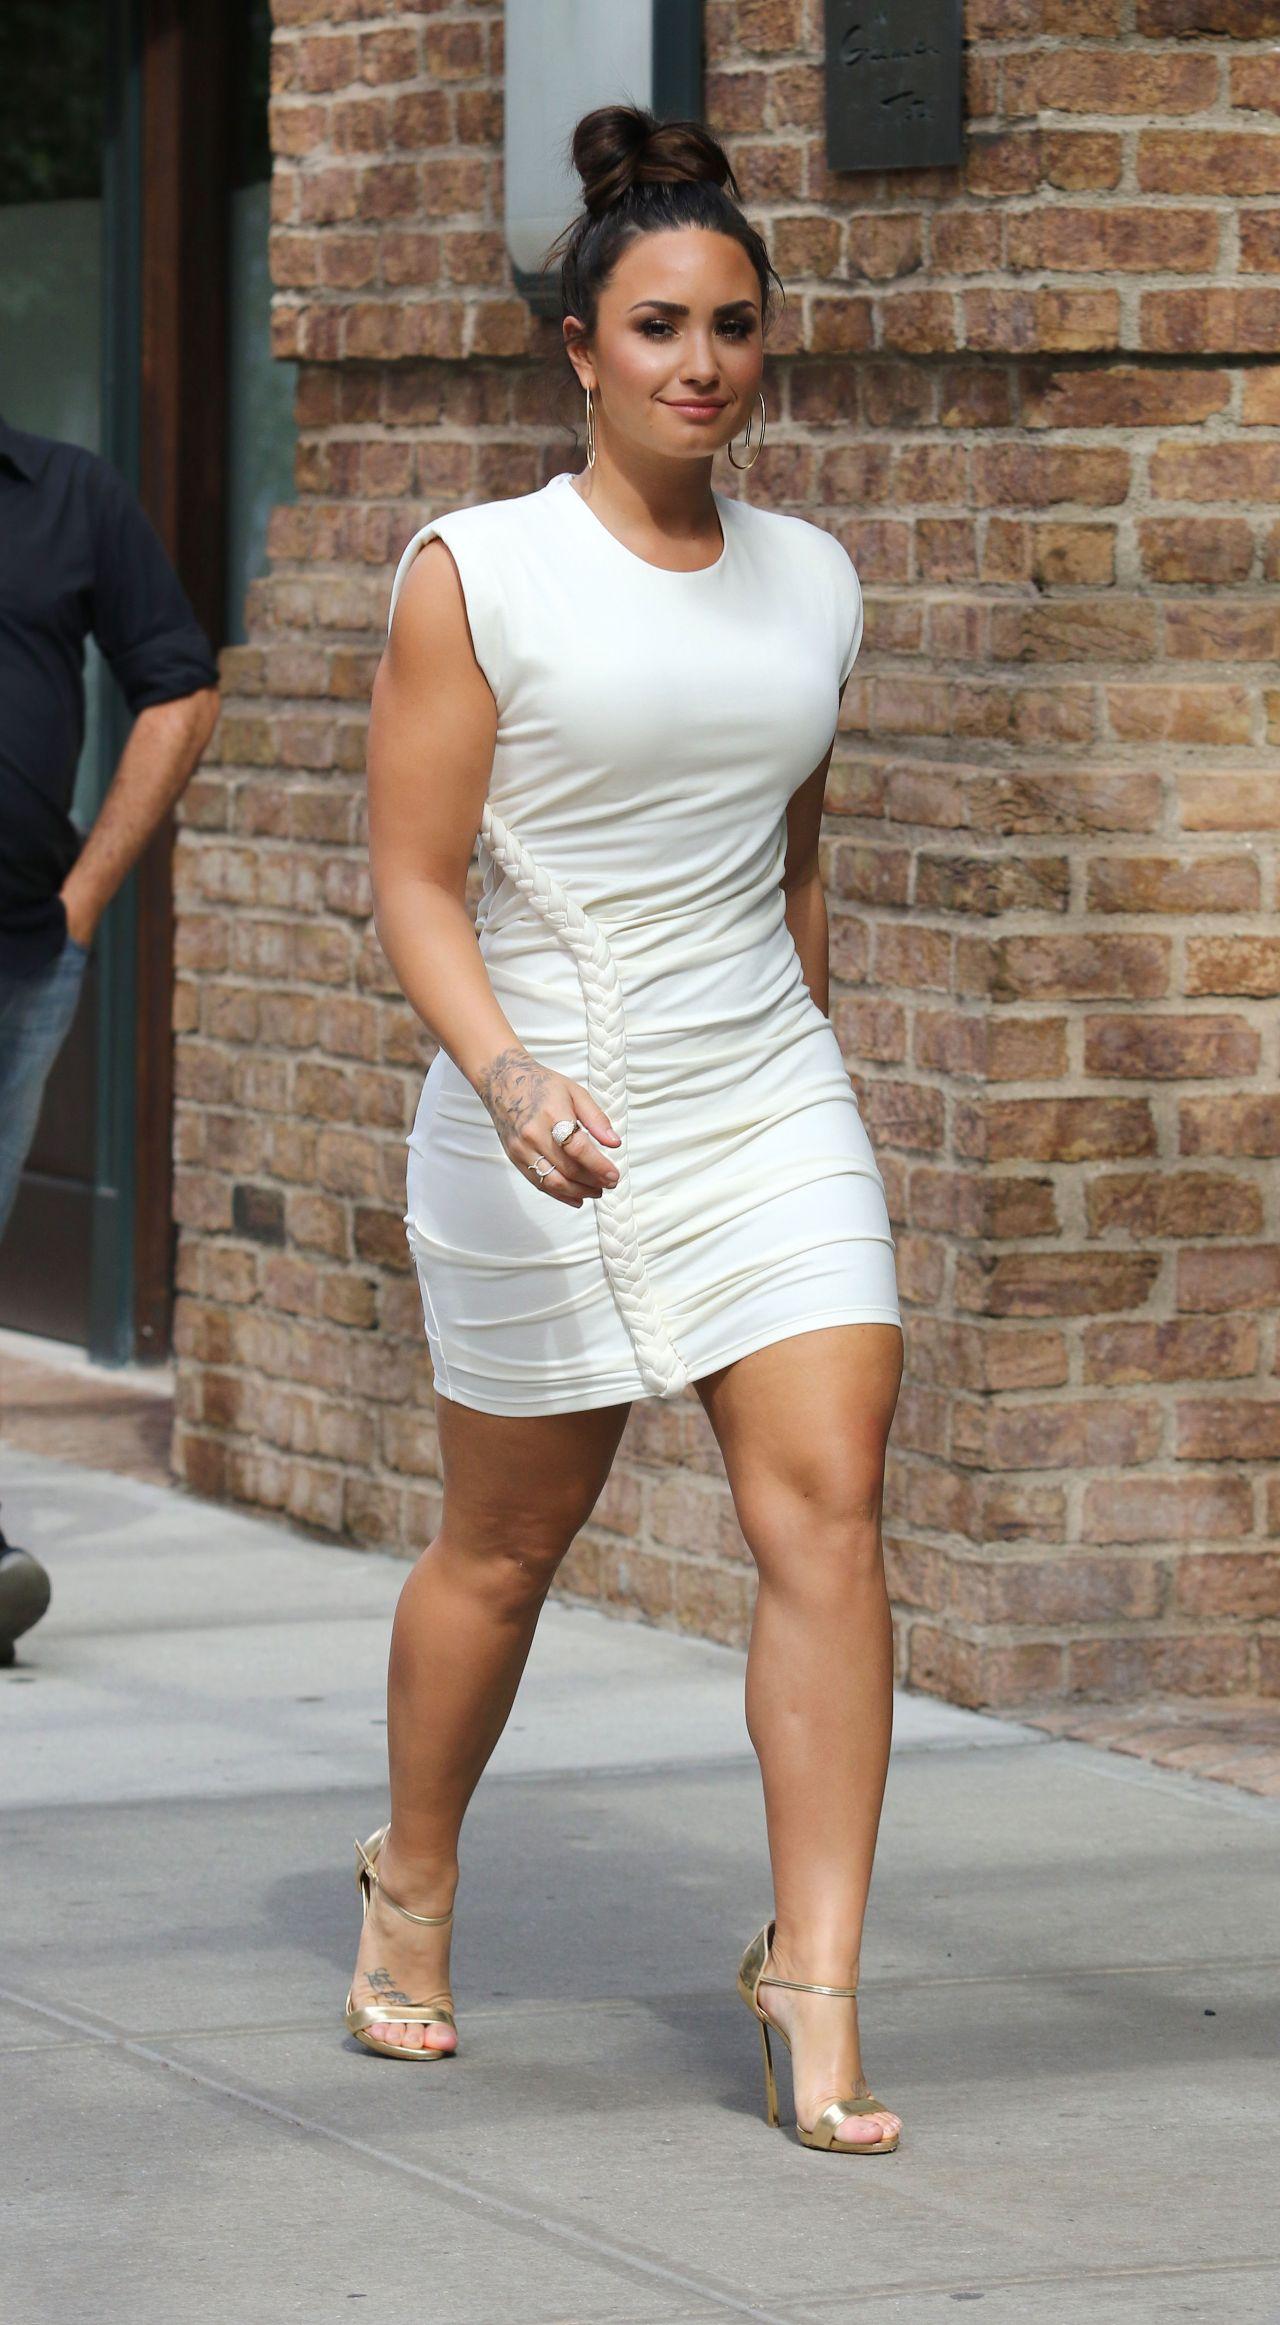 Demi Lovato in White Mini Dress - Manhattans Tribeca